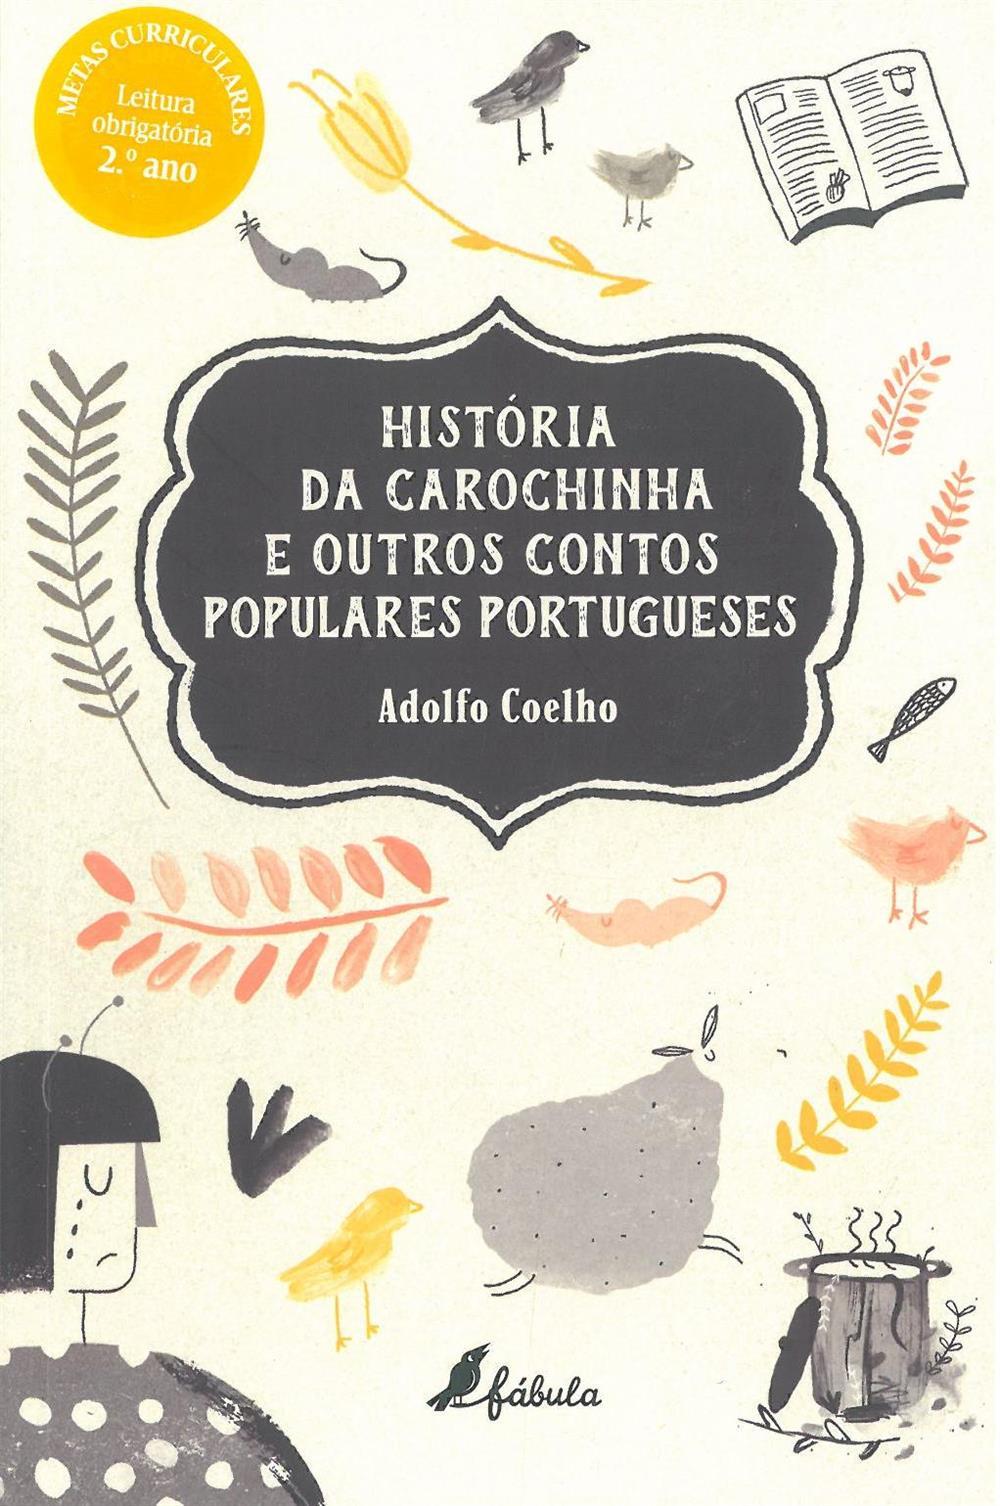 História da carochinha e outros contos populares portugueses_.jpg